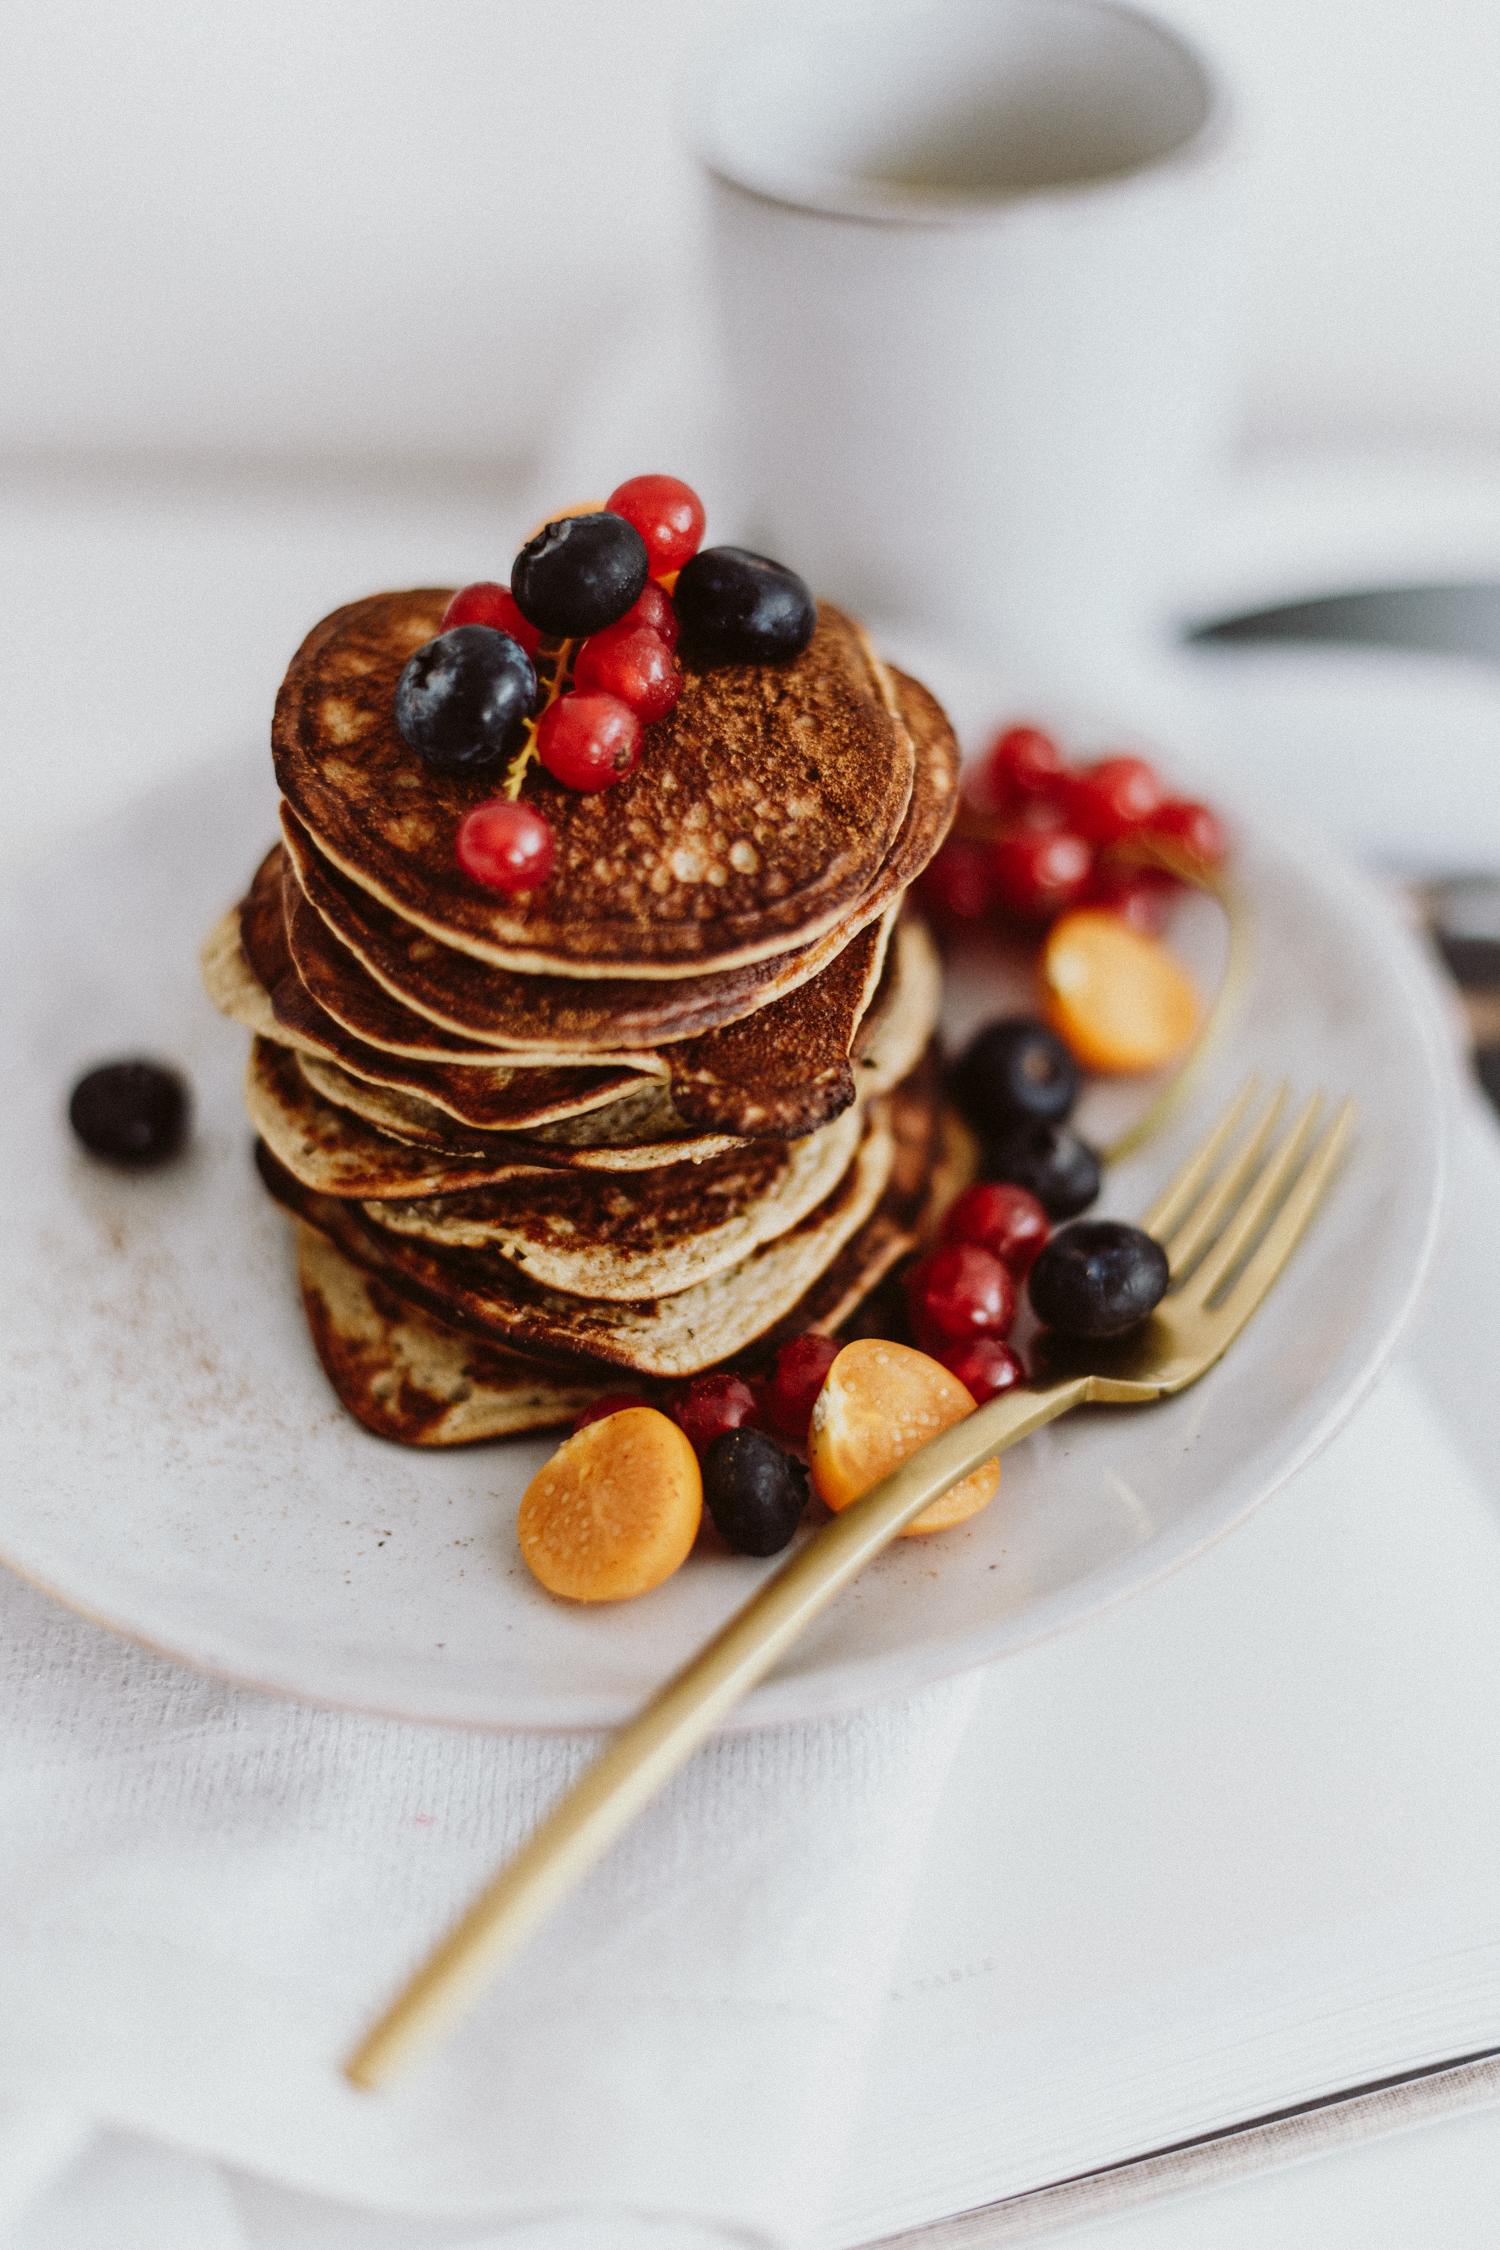 Frühstück nach dem Sport: gluten-free protein pancakes | Love Daily Dose